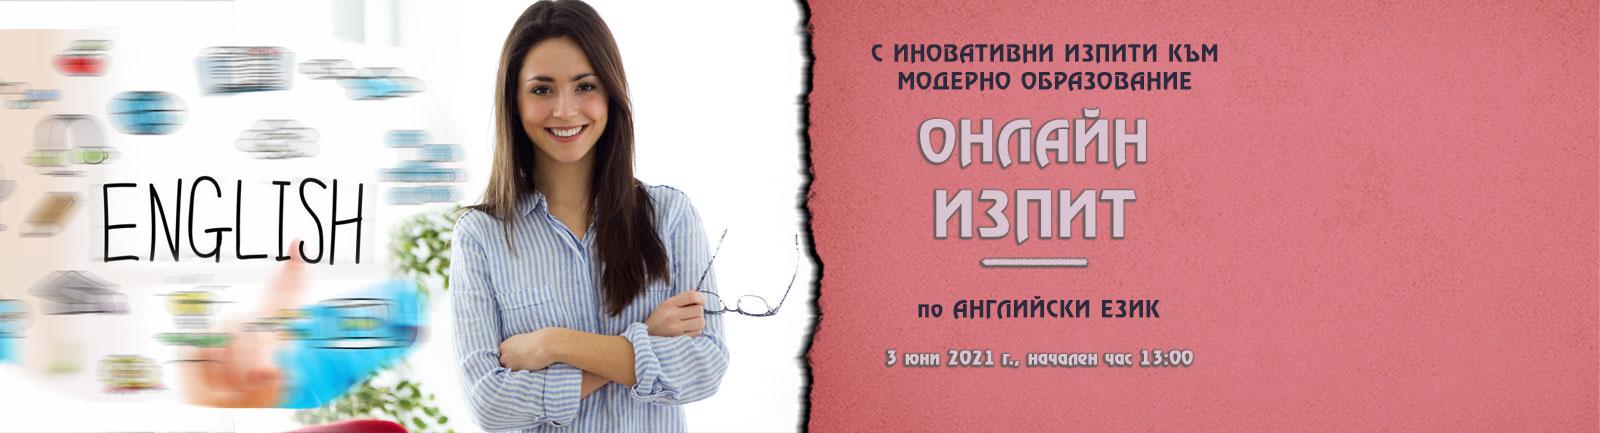 onlain-izpit-angliiski-03062021